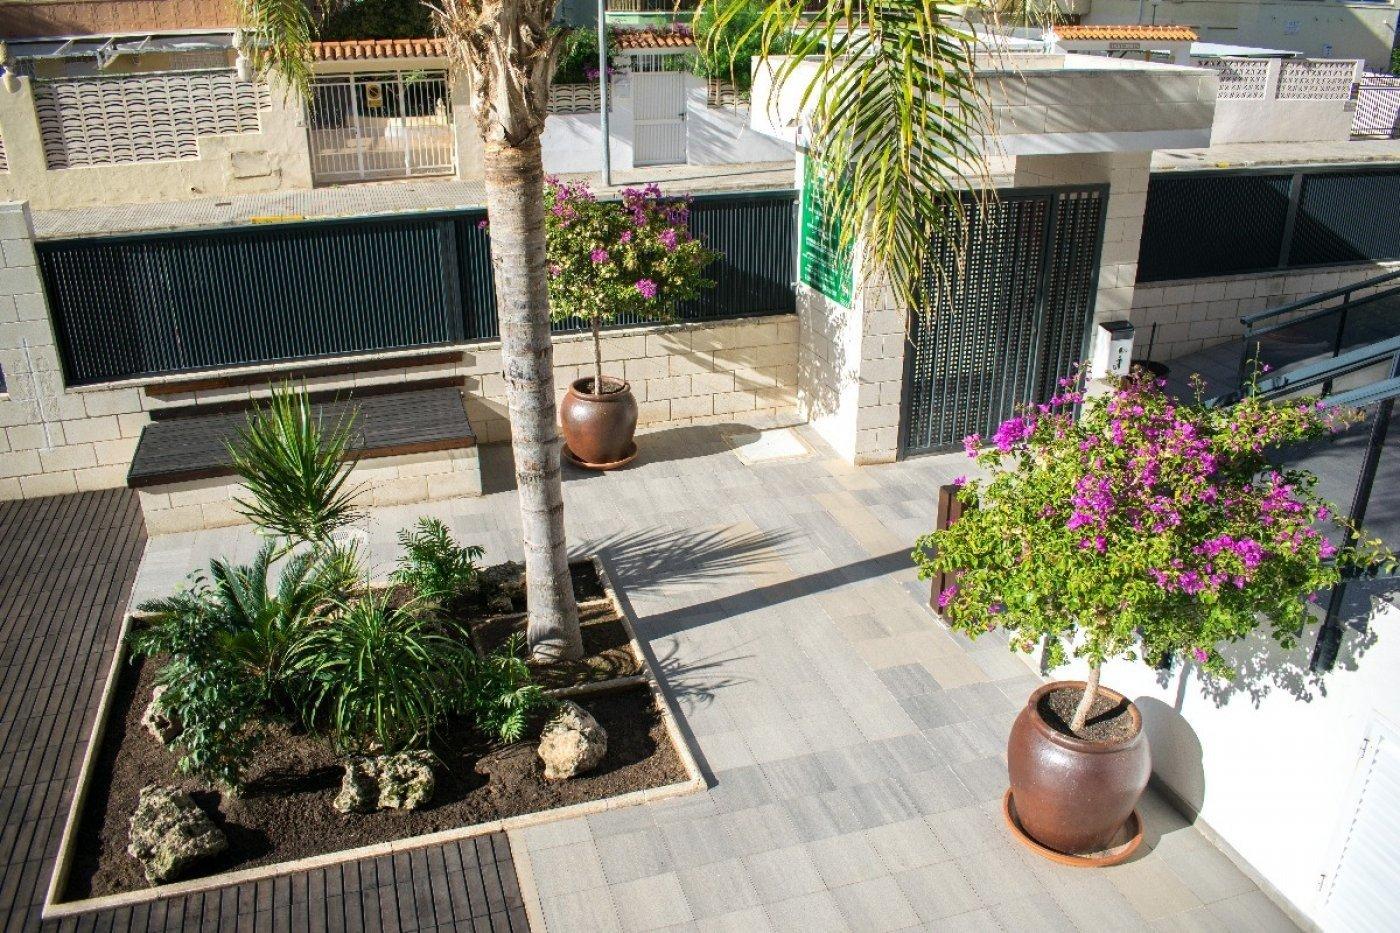 Apartamento en playa de gandia con piscina comunitaria y garaje incluido - imagenInmueble20